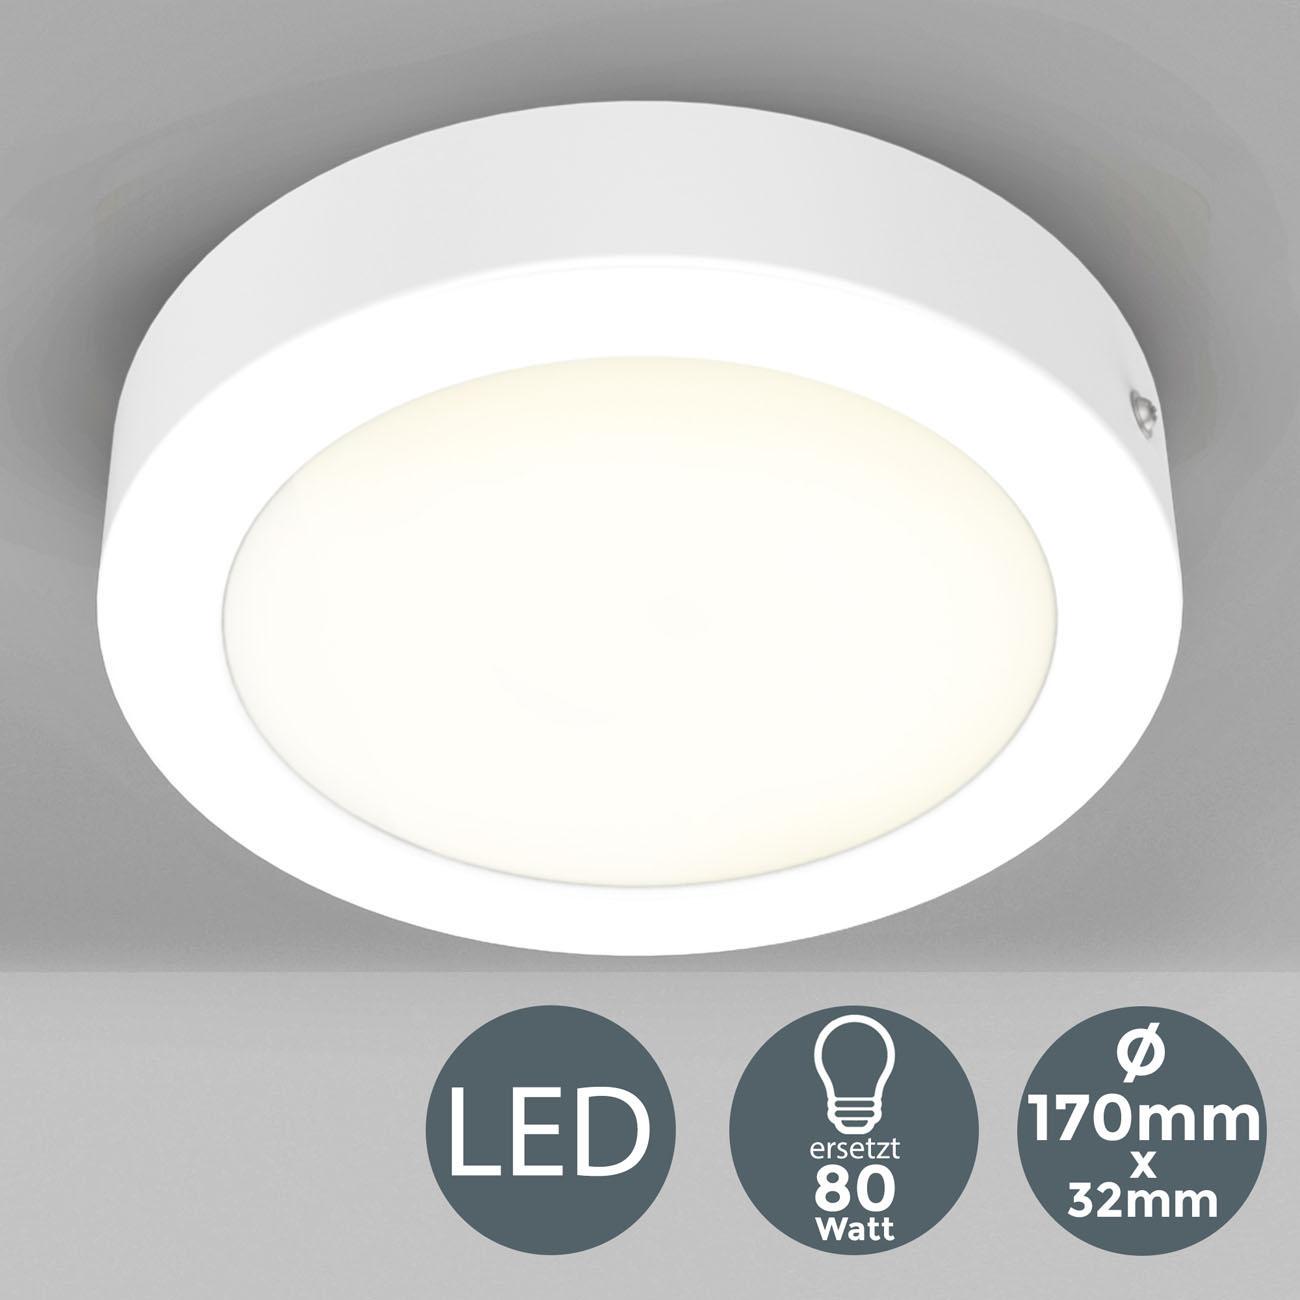 LED Aufbauleuchte Aufputzstrahler rund weiß - 3